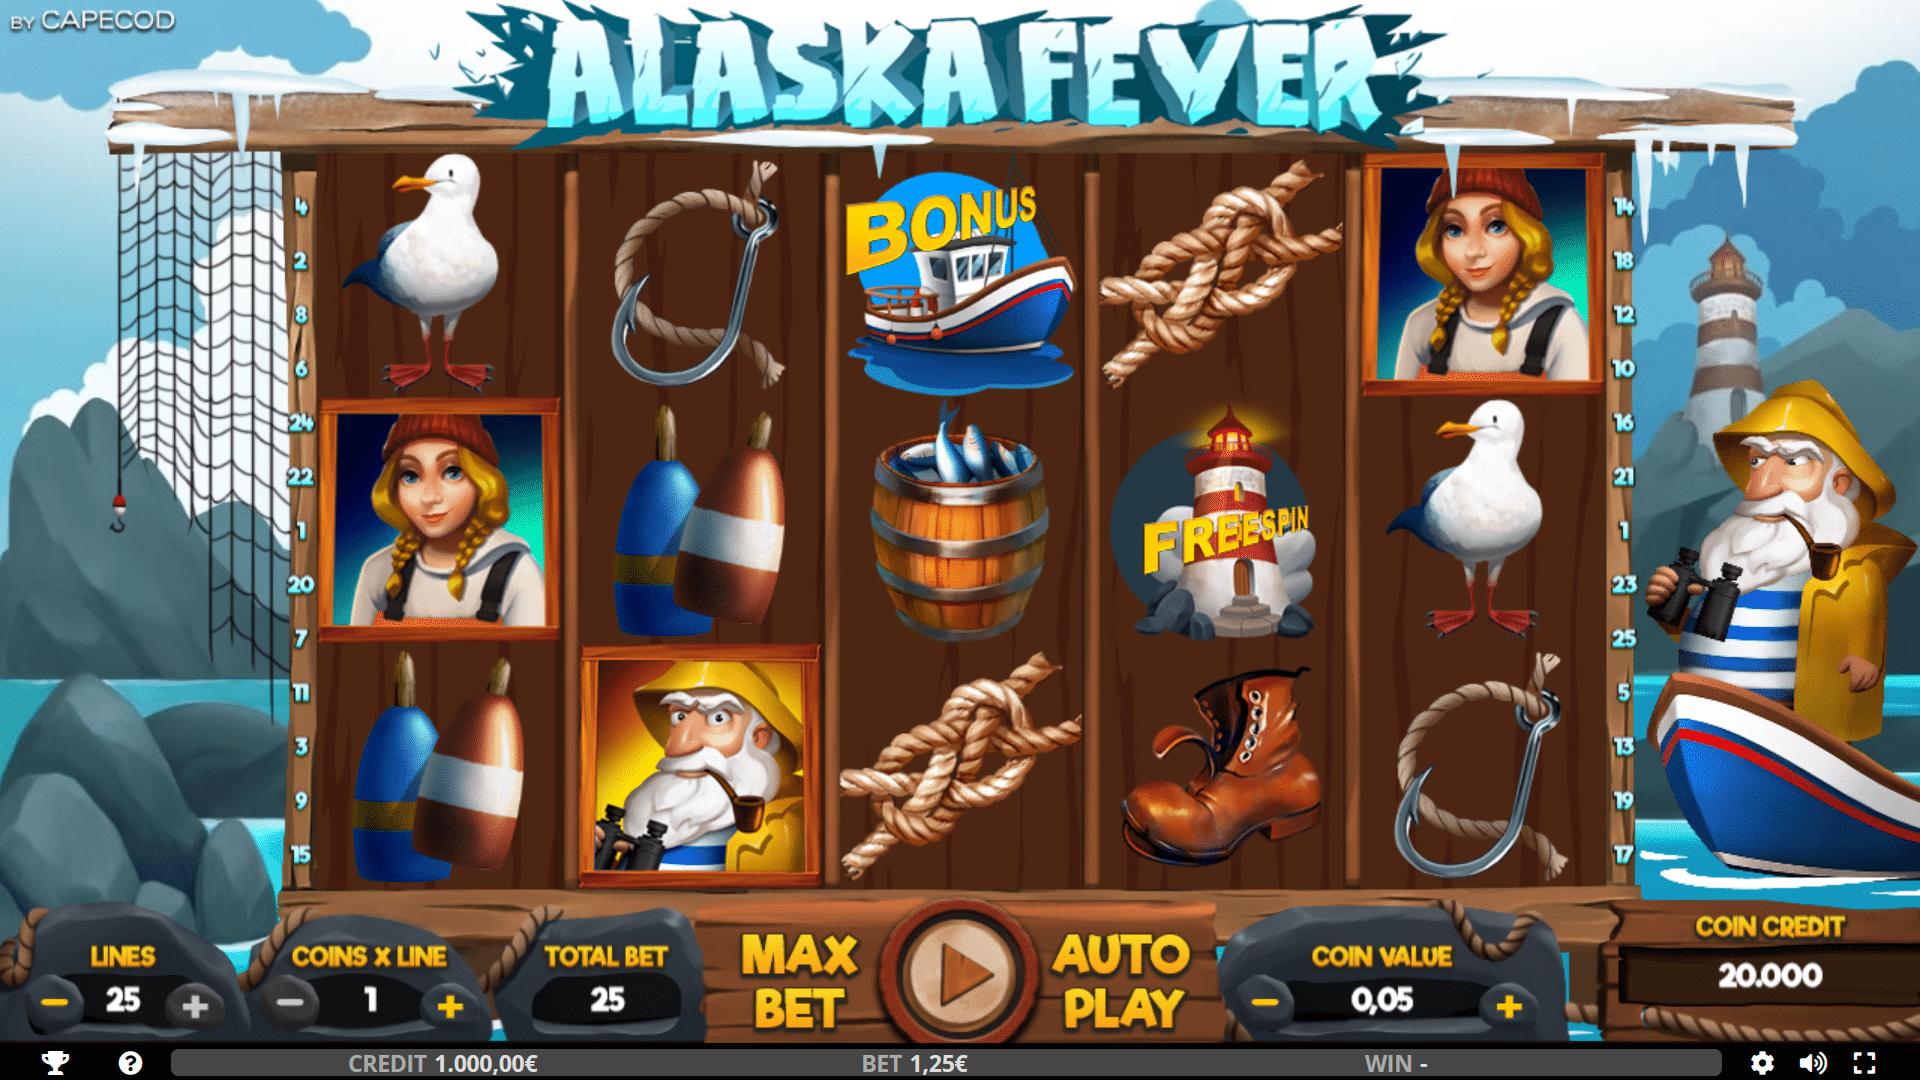 Slot Alaska Fever